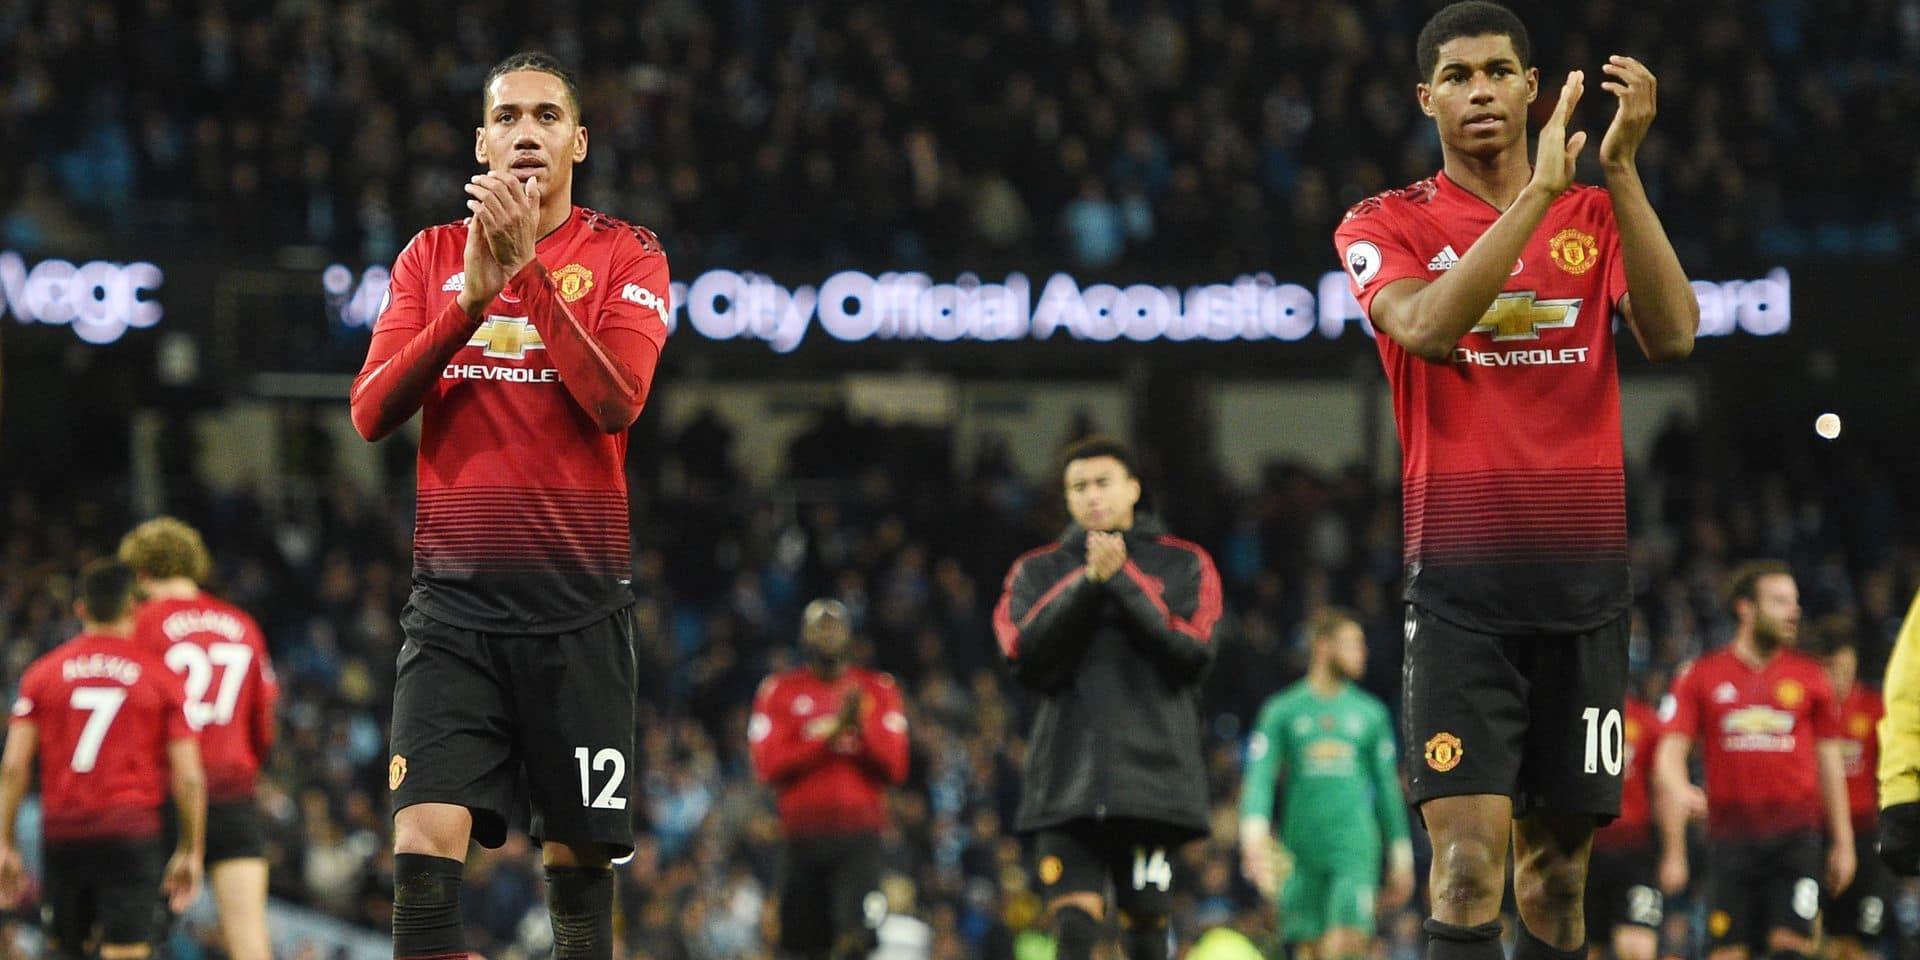 Les joueurs de Premier League vont protester contre le racisme: découvrez ce qu'ils comptent faire